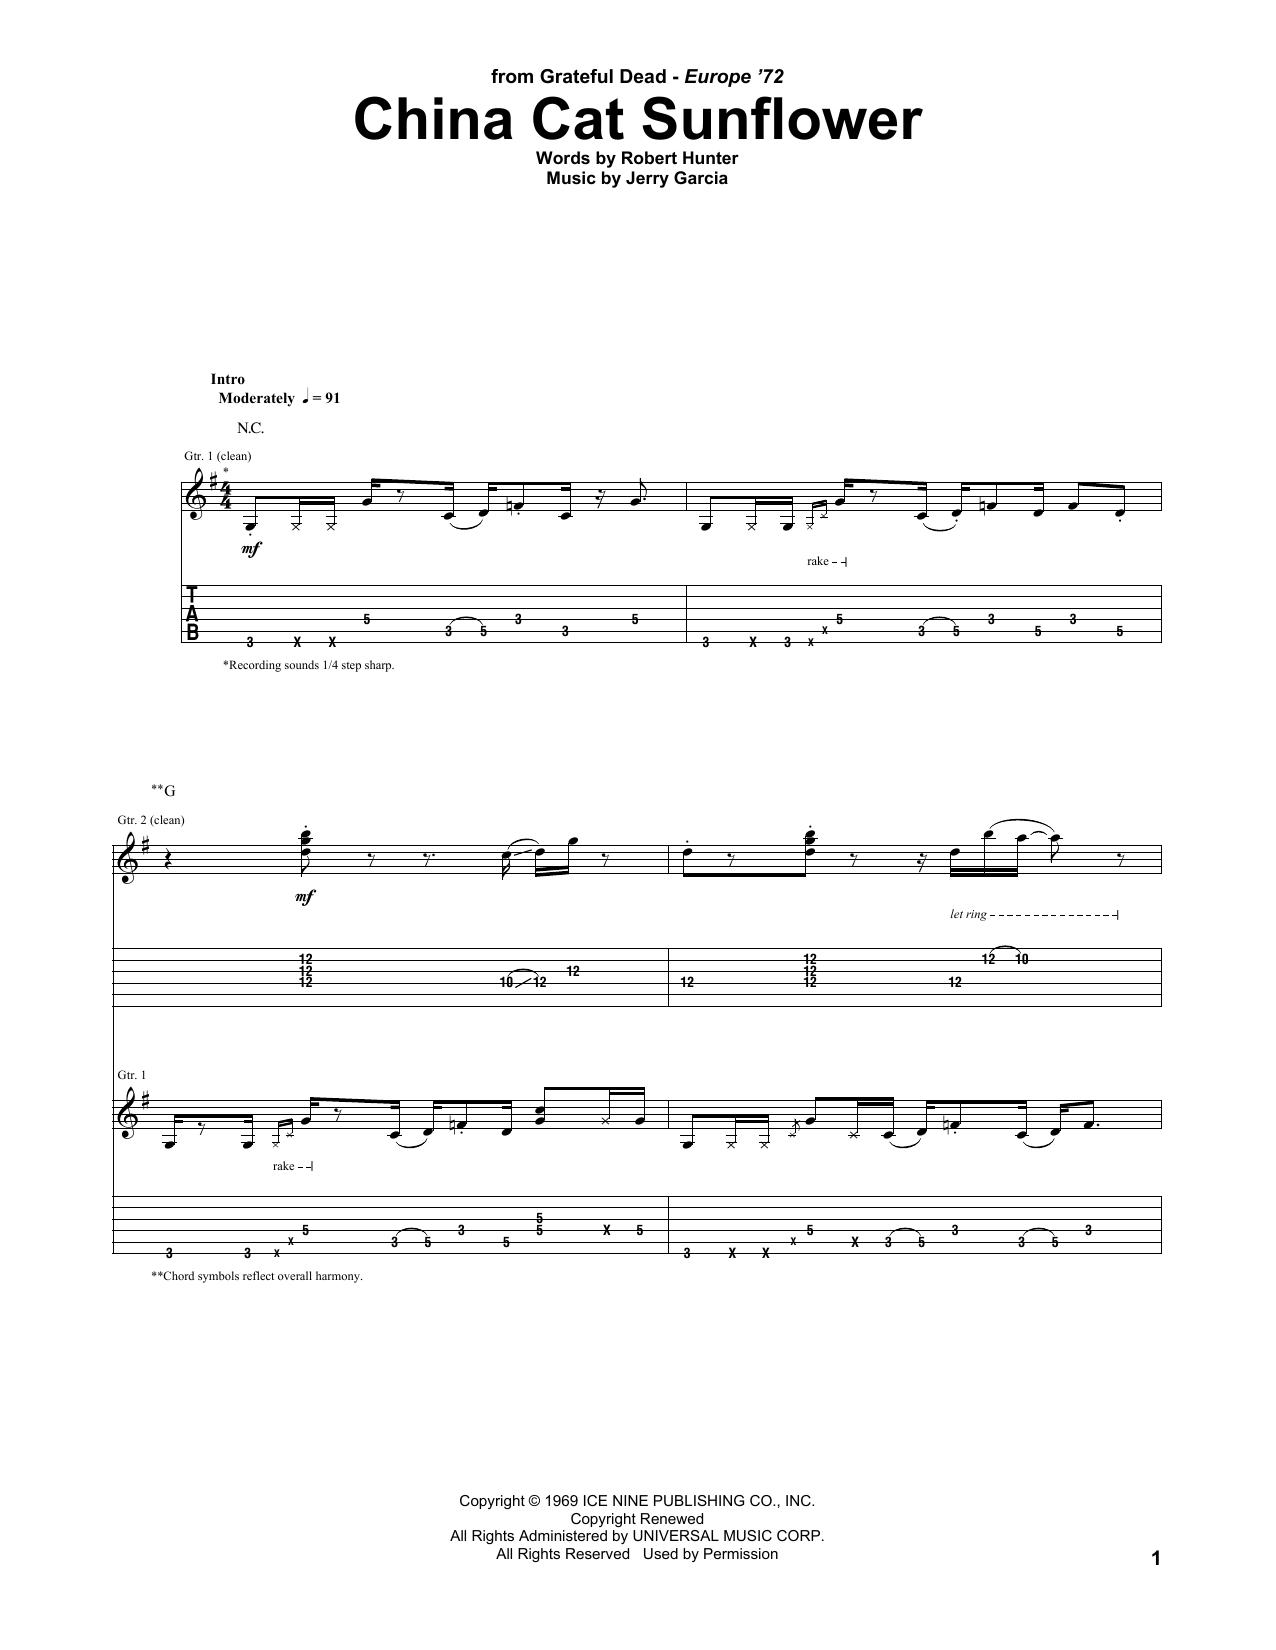 China Cat Sunflower Sheet Music